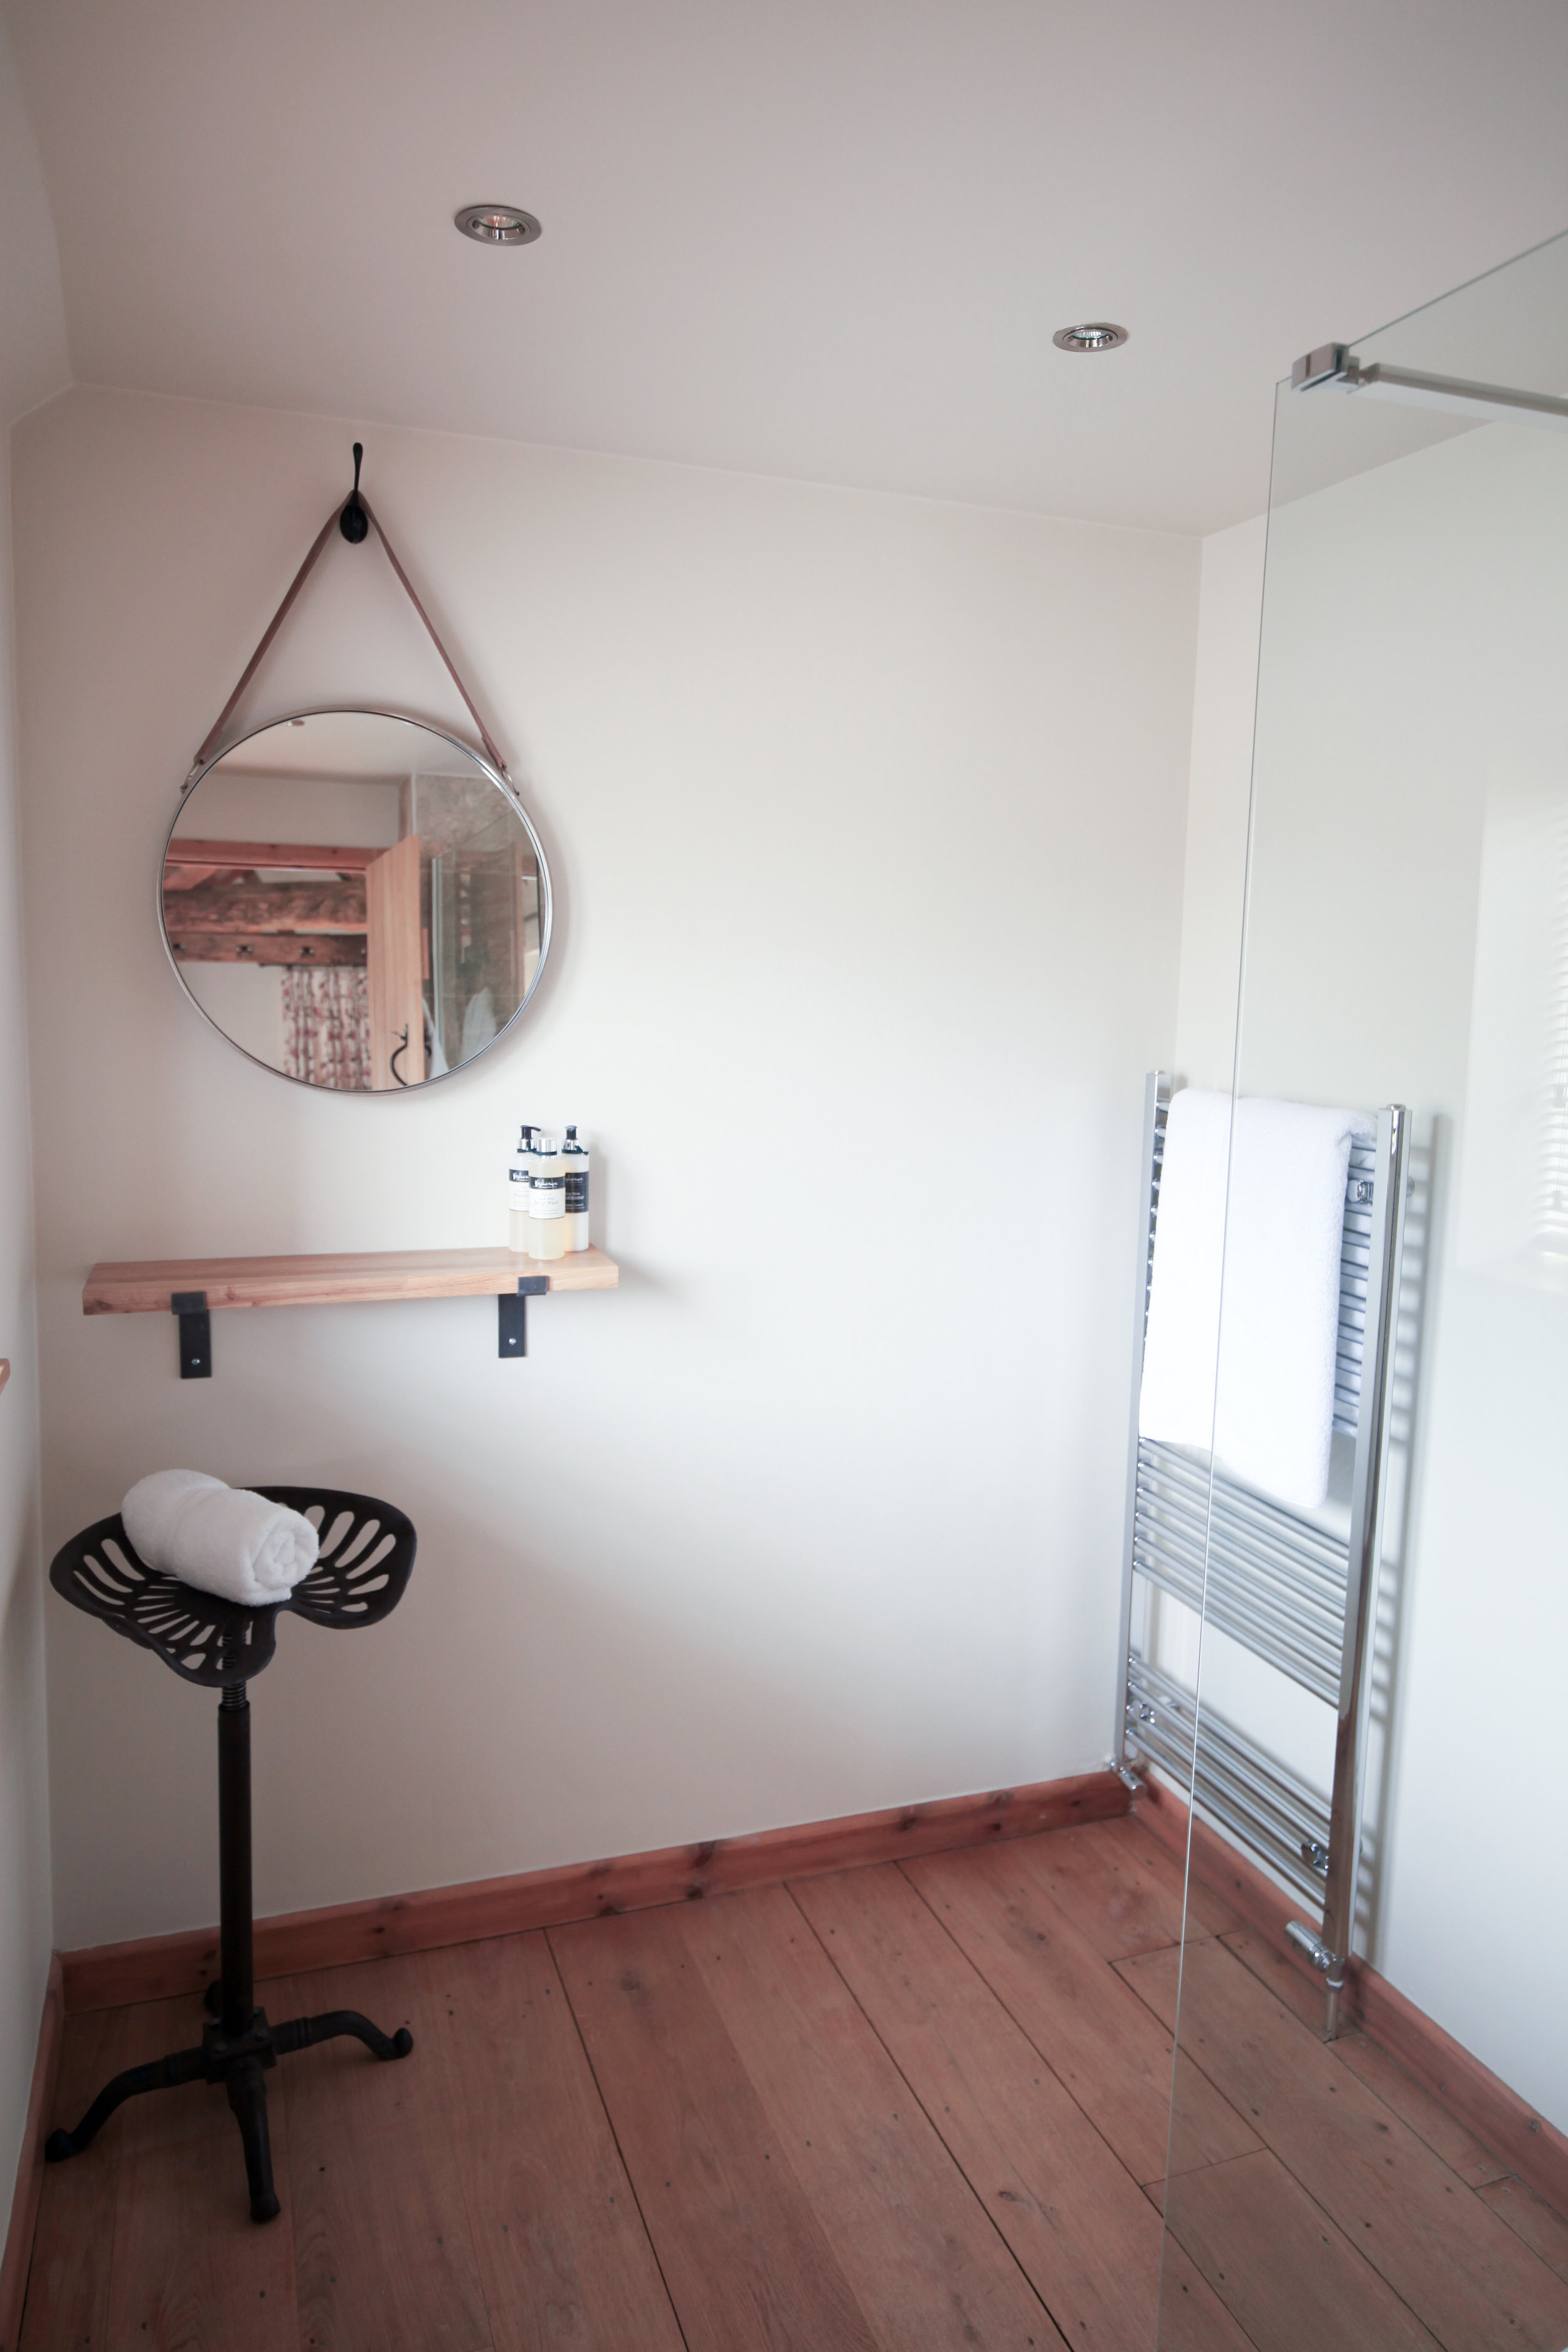 The Office - shower-room.jpg